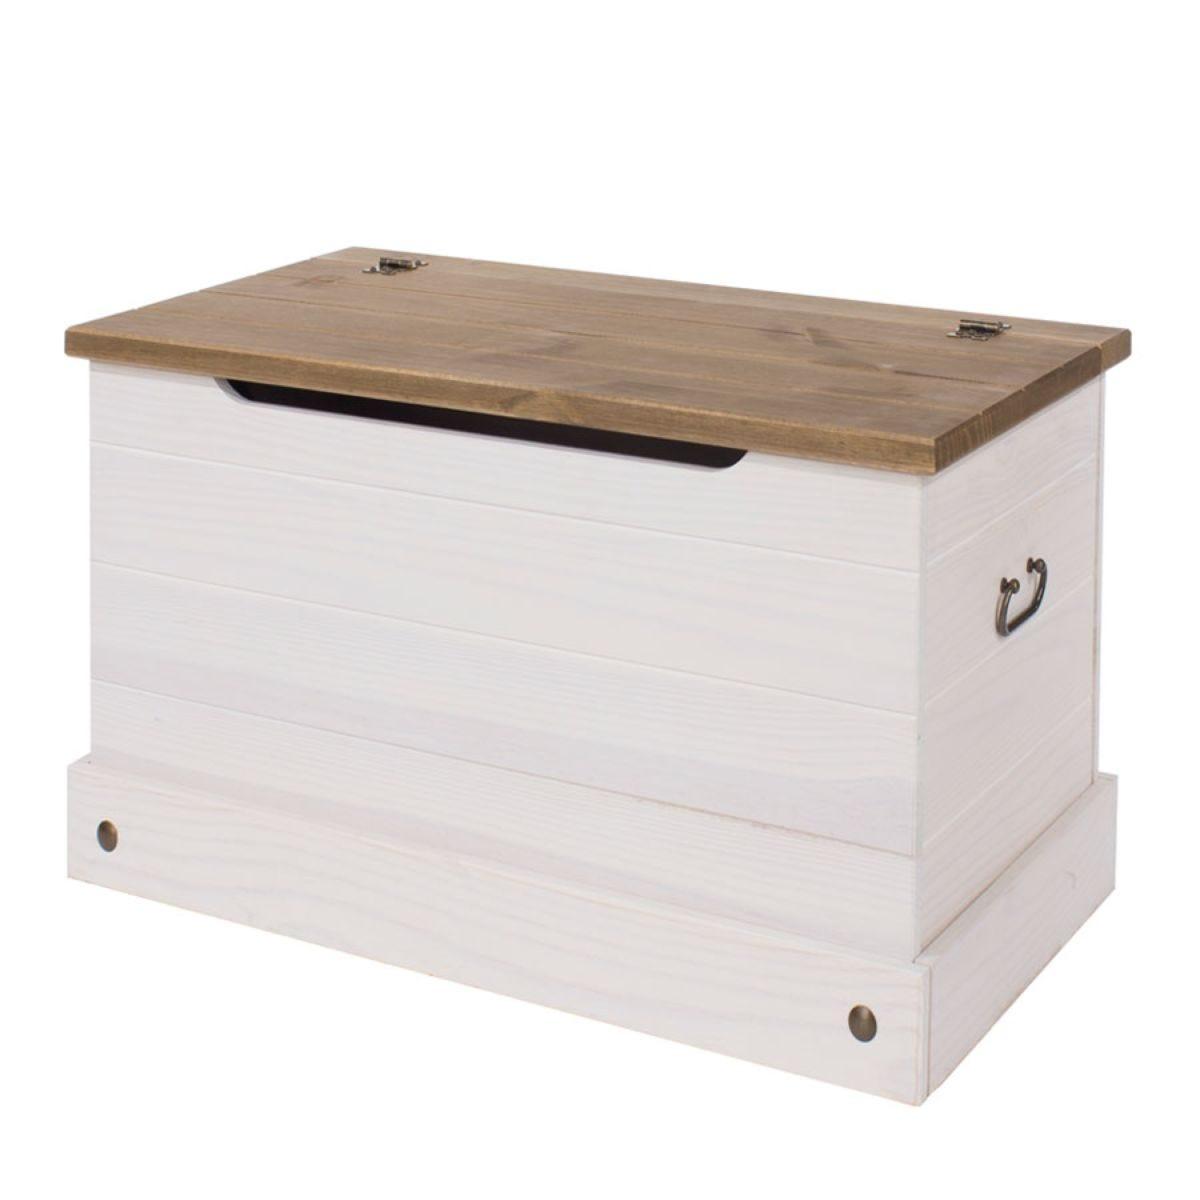 Halea Pine Storage Trunk - White